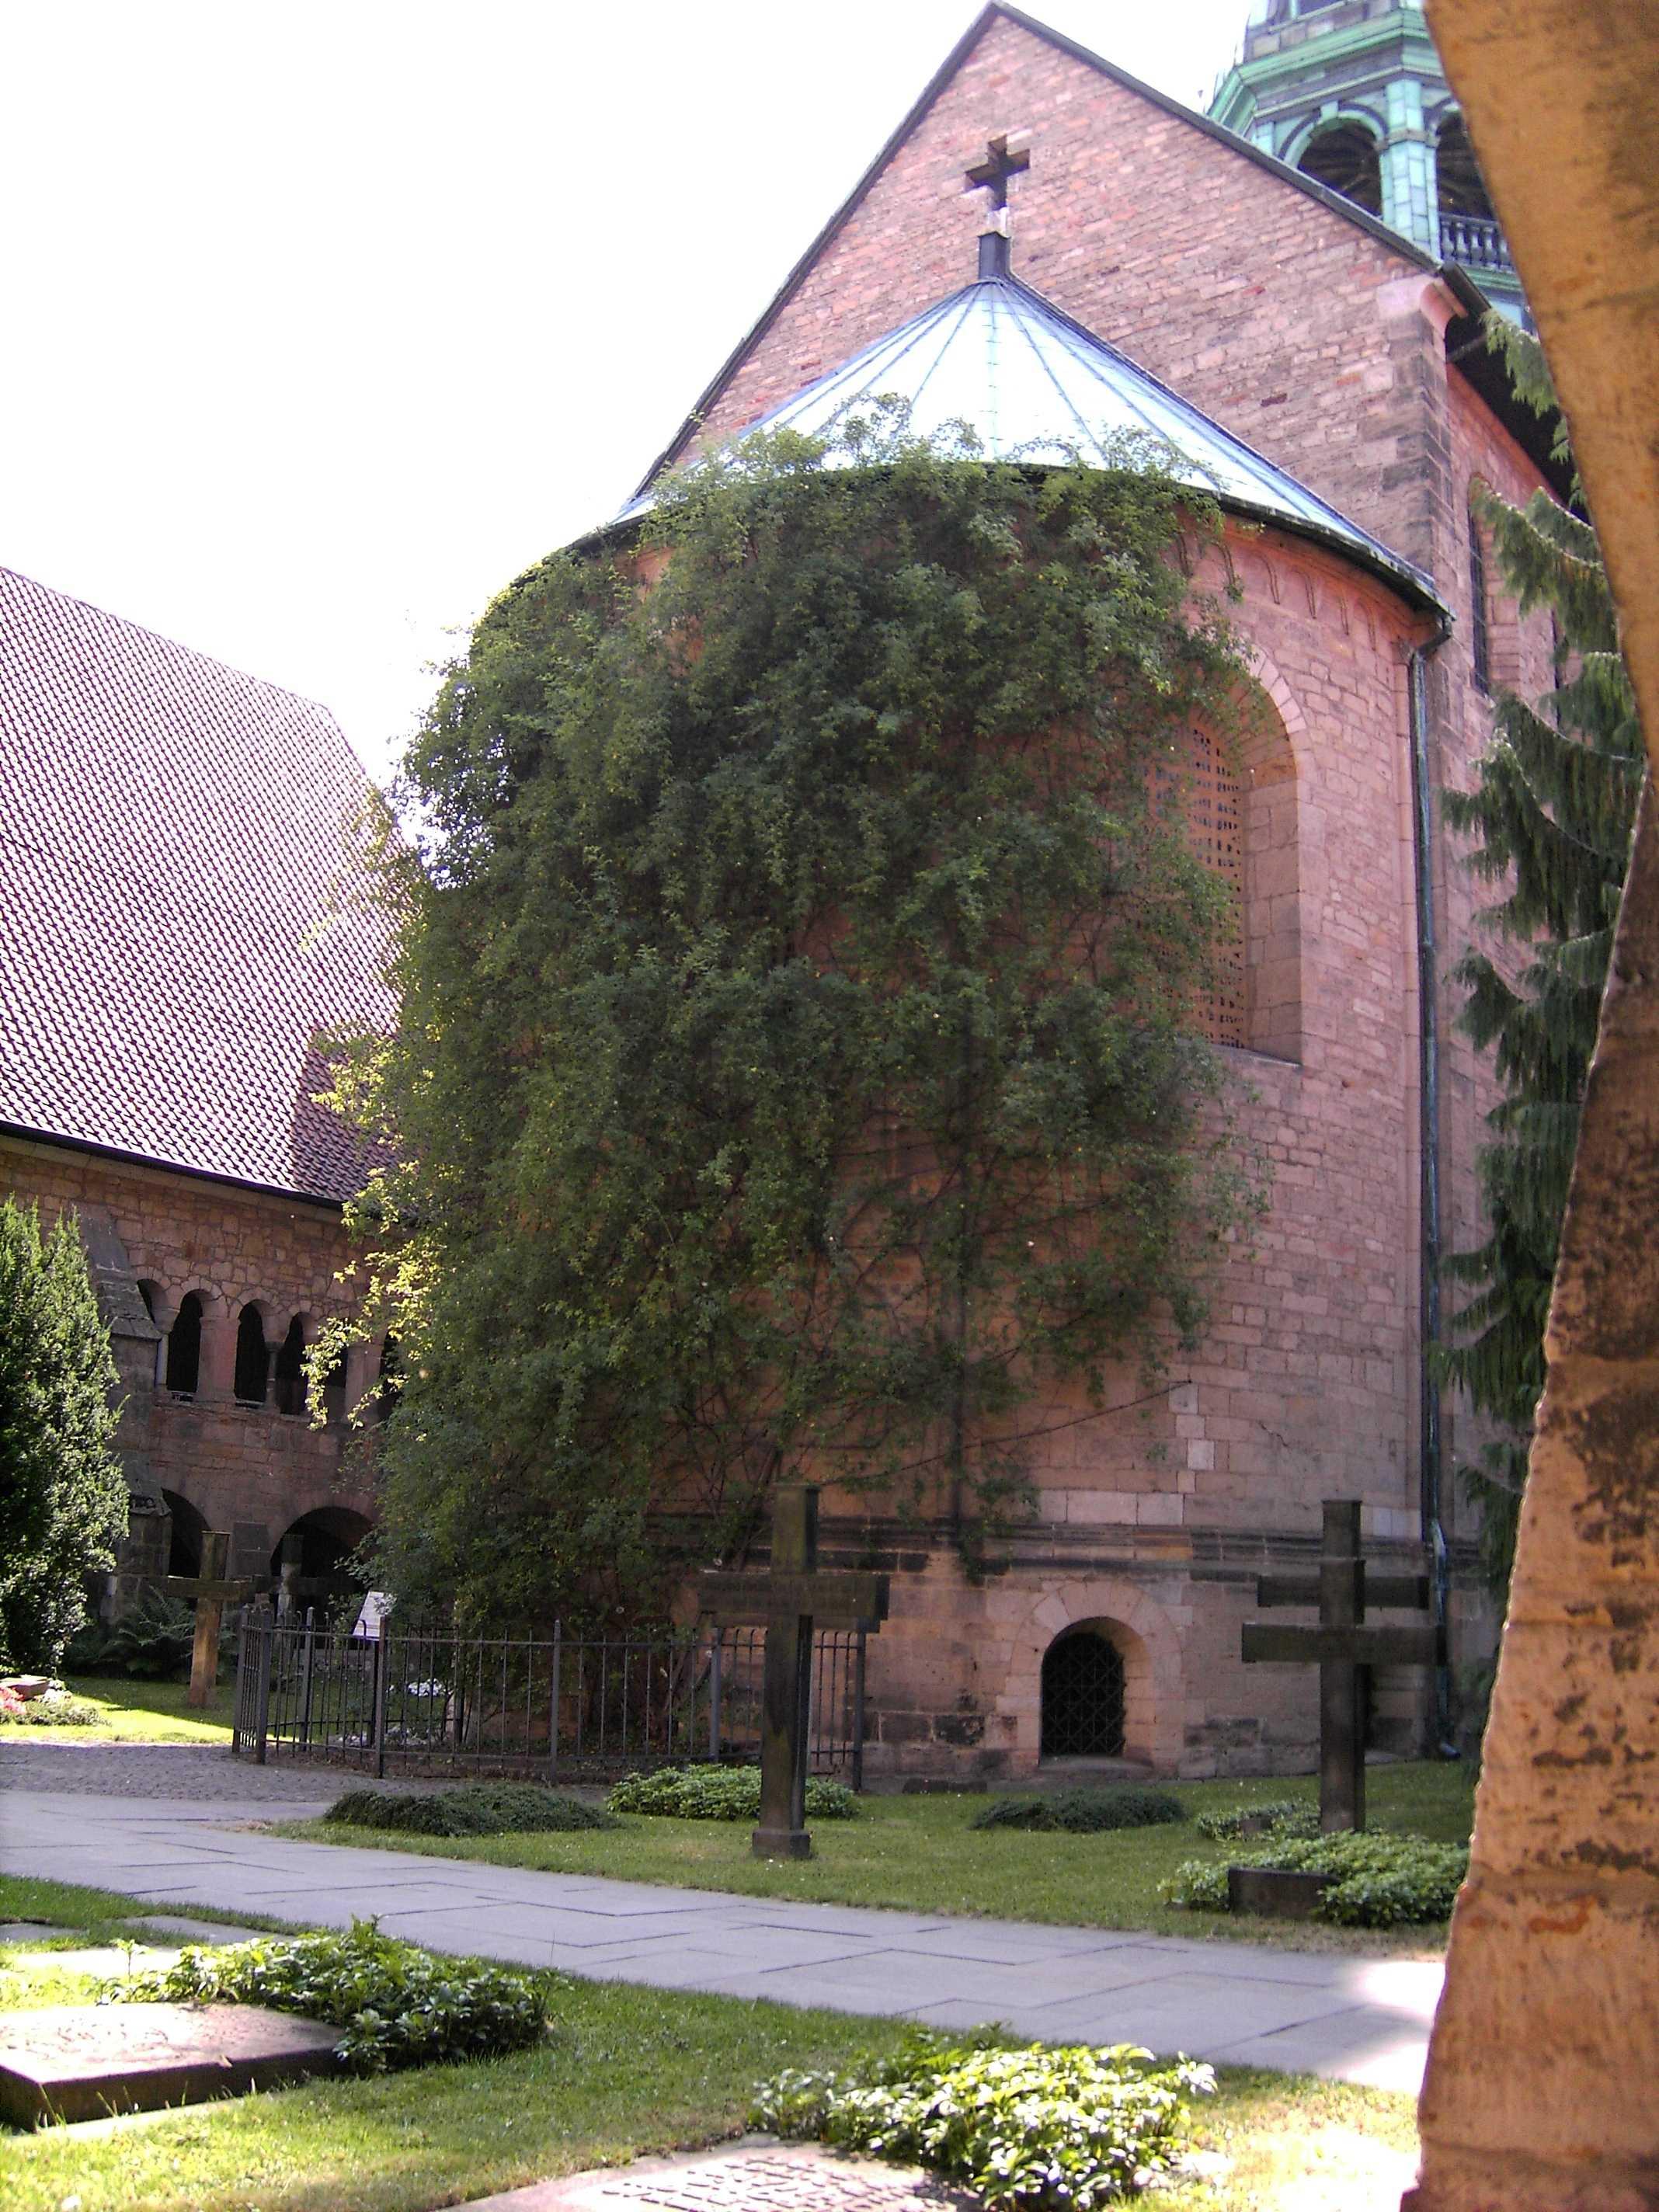 El rosal sobrevivió incluso a los bombardeos de la Segunda Guerra Mundial, creciendo prácticamente adherida a uno de los muros de la catedral de Hildesheim. Si bien las bombas destruyeron parte de la catedral y, junto a ella, al rosal, la raíz quedó intacta y volvió a crecer hasta alcanzar el tamaño que hoy tiene.